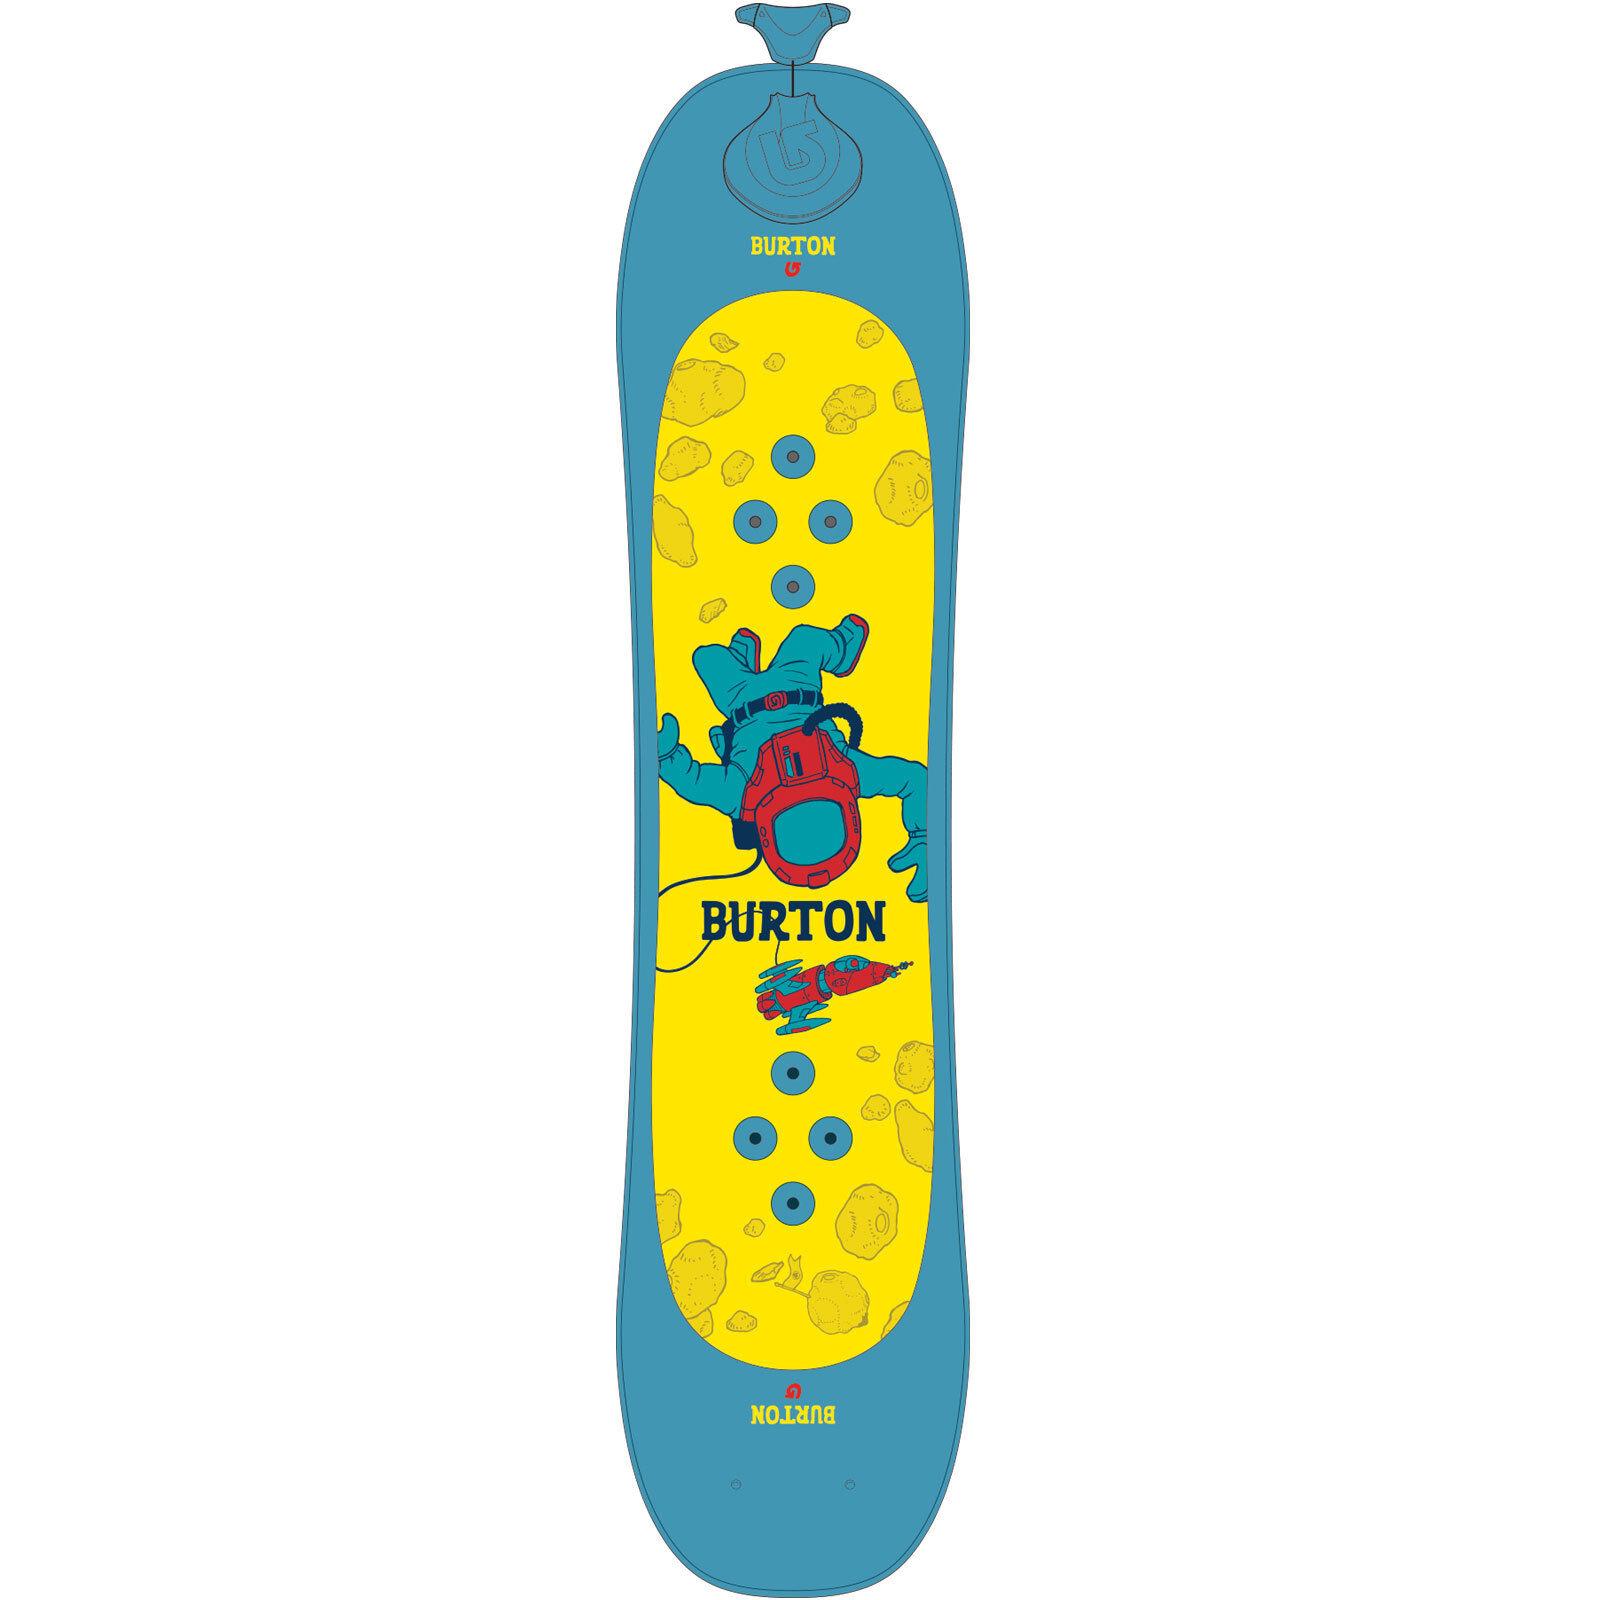 Burton Riglet Kinder-Snowboard Infant Beginners Mini-Board New